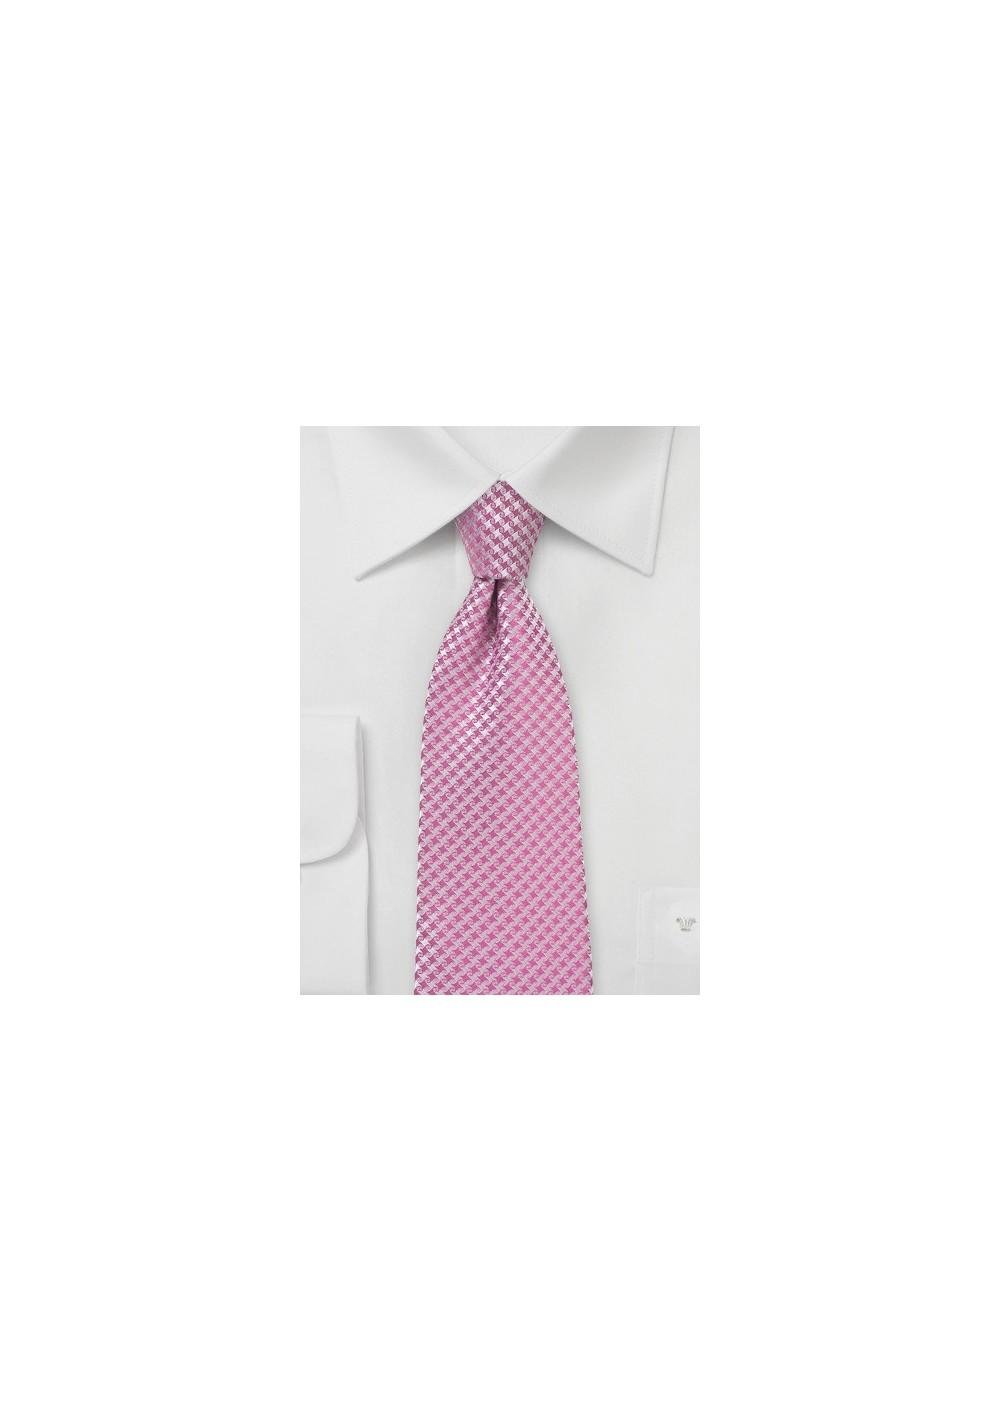 Fun Colored Kids Tie Bubblegum Pink